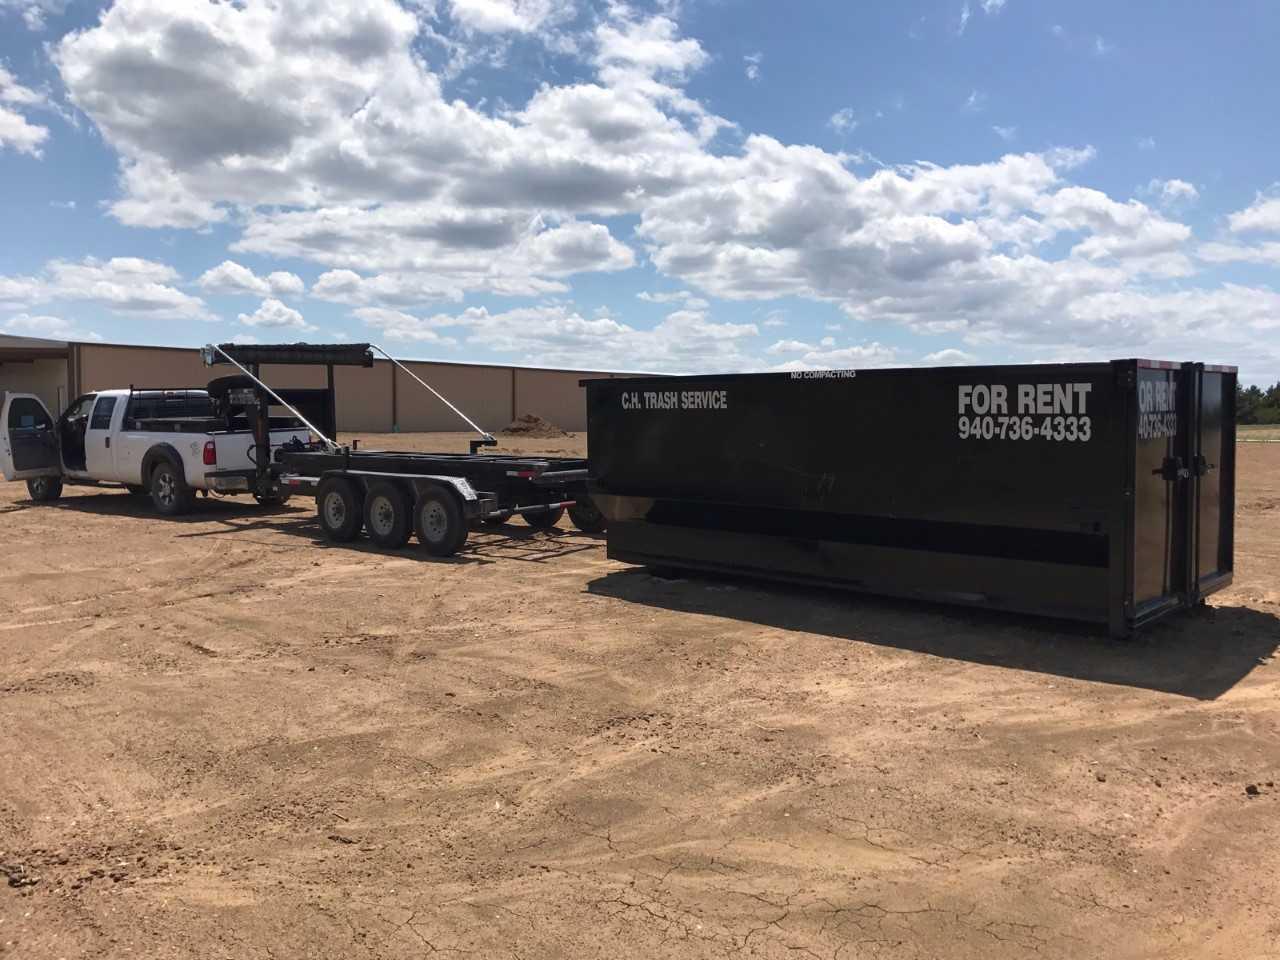 C.H. Trash Service - Dumpster Rental image 1